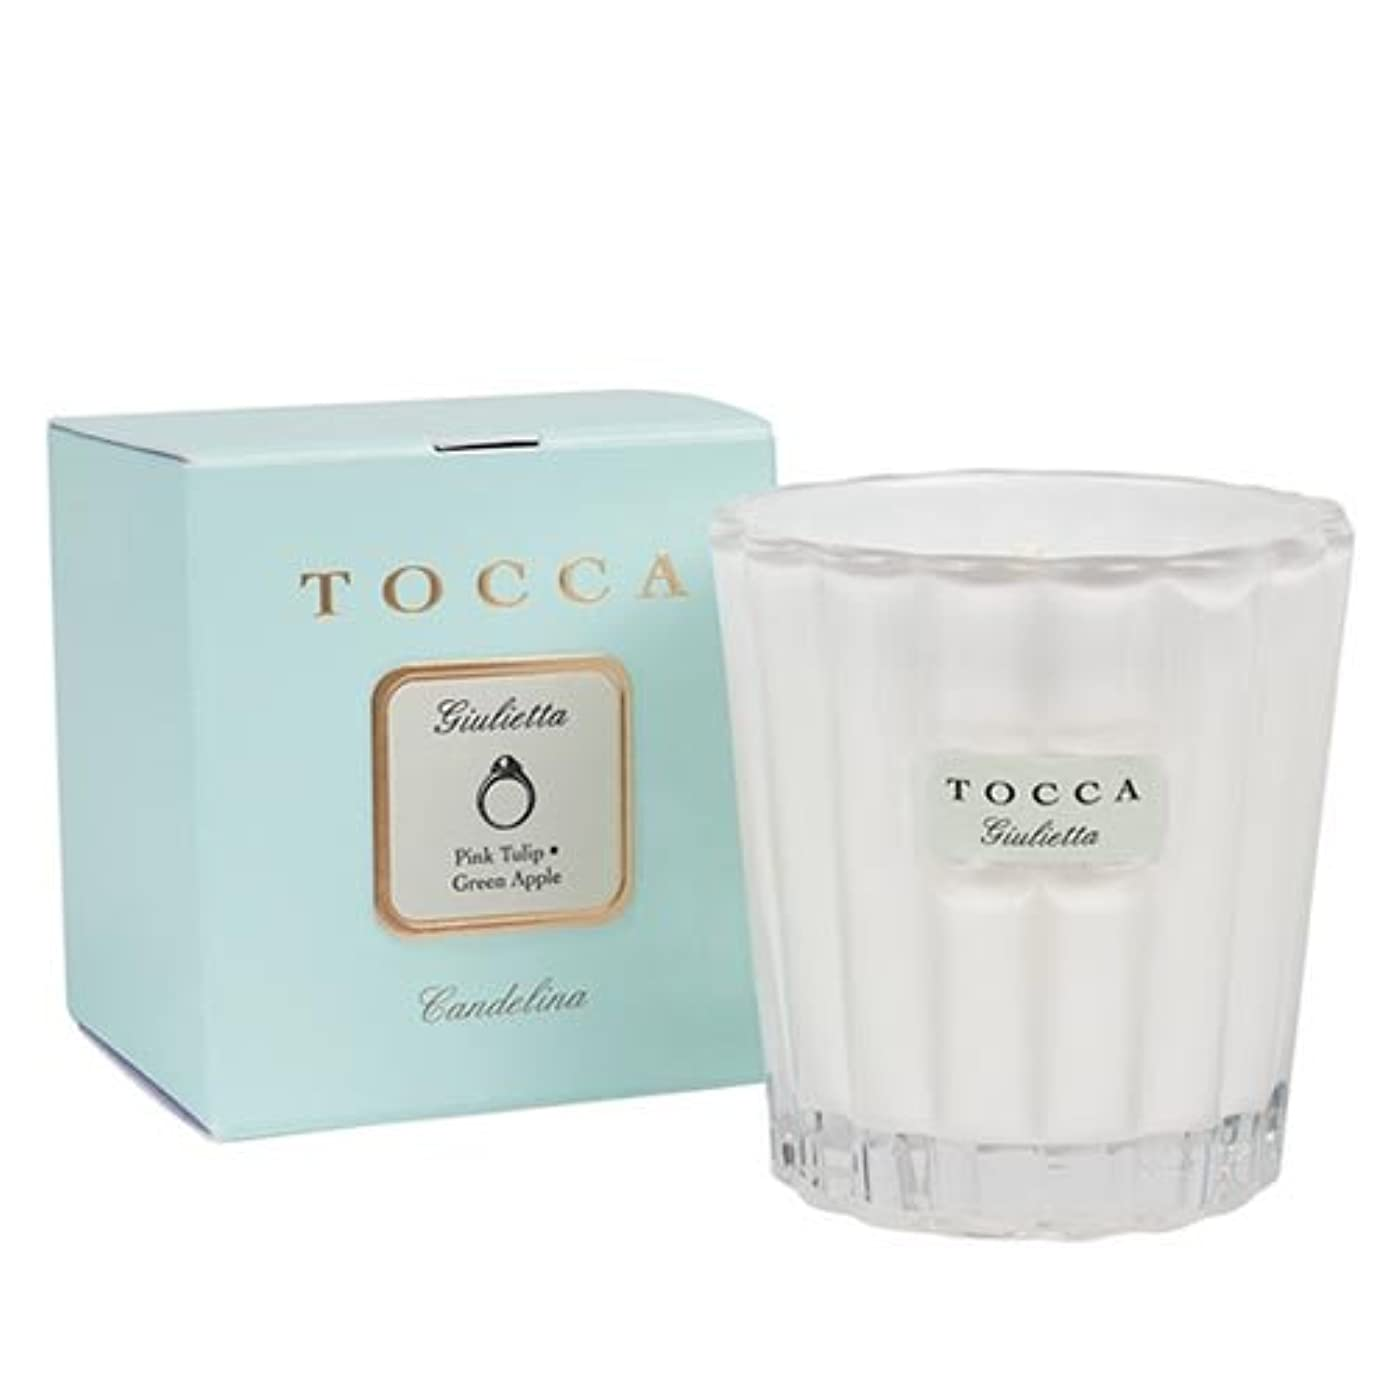 外交問題晩餐キュービックCONCENT TOCCA (トッカ) キャンデリーナ (ジュリエッタの香り)